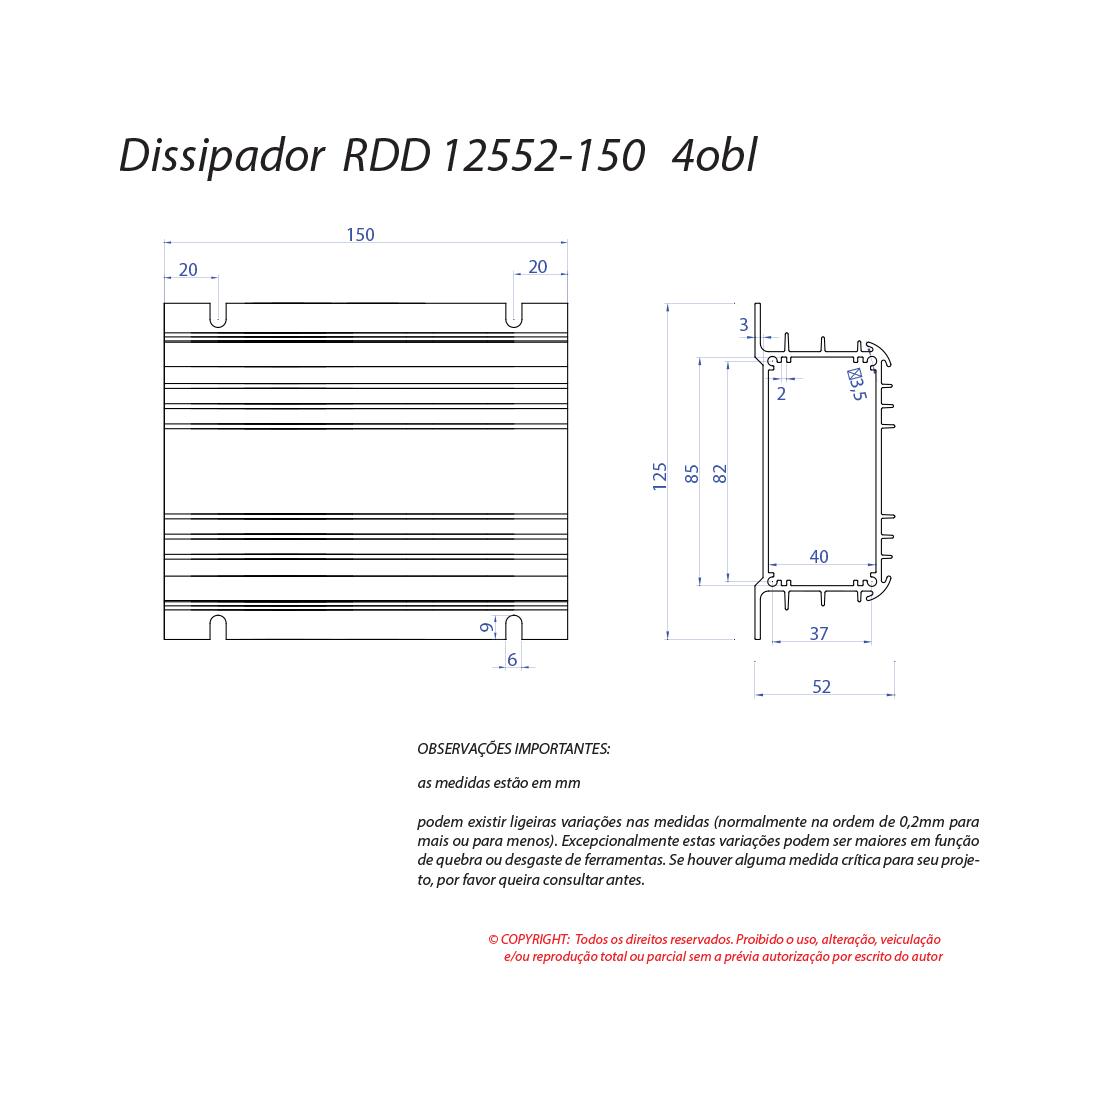 Dissipador de calor RDD 12552-150 4OBL